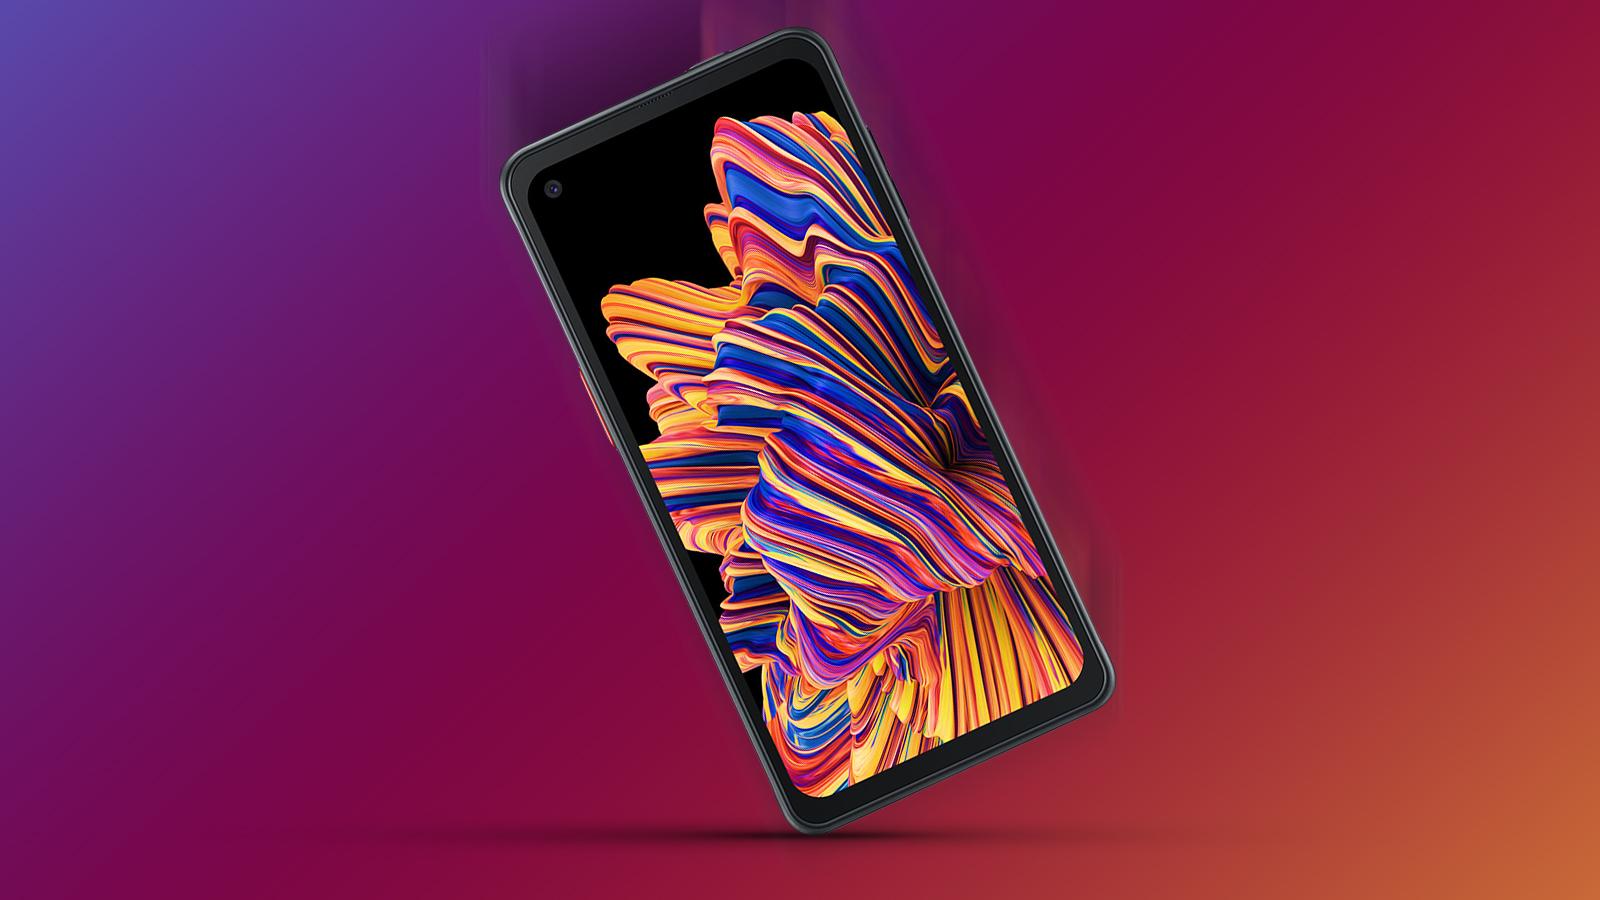 Review: samsung galaxy xcover pro, o smartphone para encarar qualquer aventura. Resistente a água, poeira, quedas e com bateria removível, o galaxy xcover pro consegue trazer tudo aquilo que um celular intermediário tem de melhor